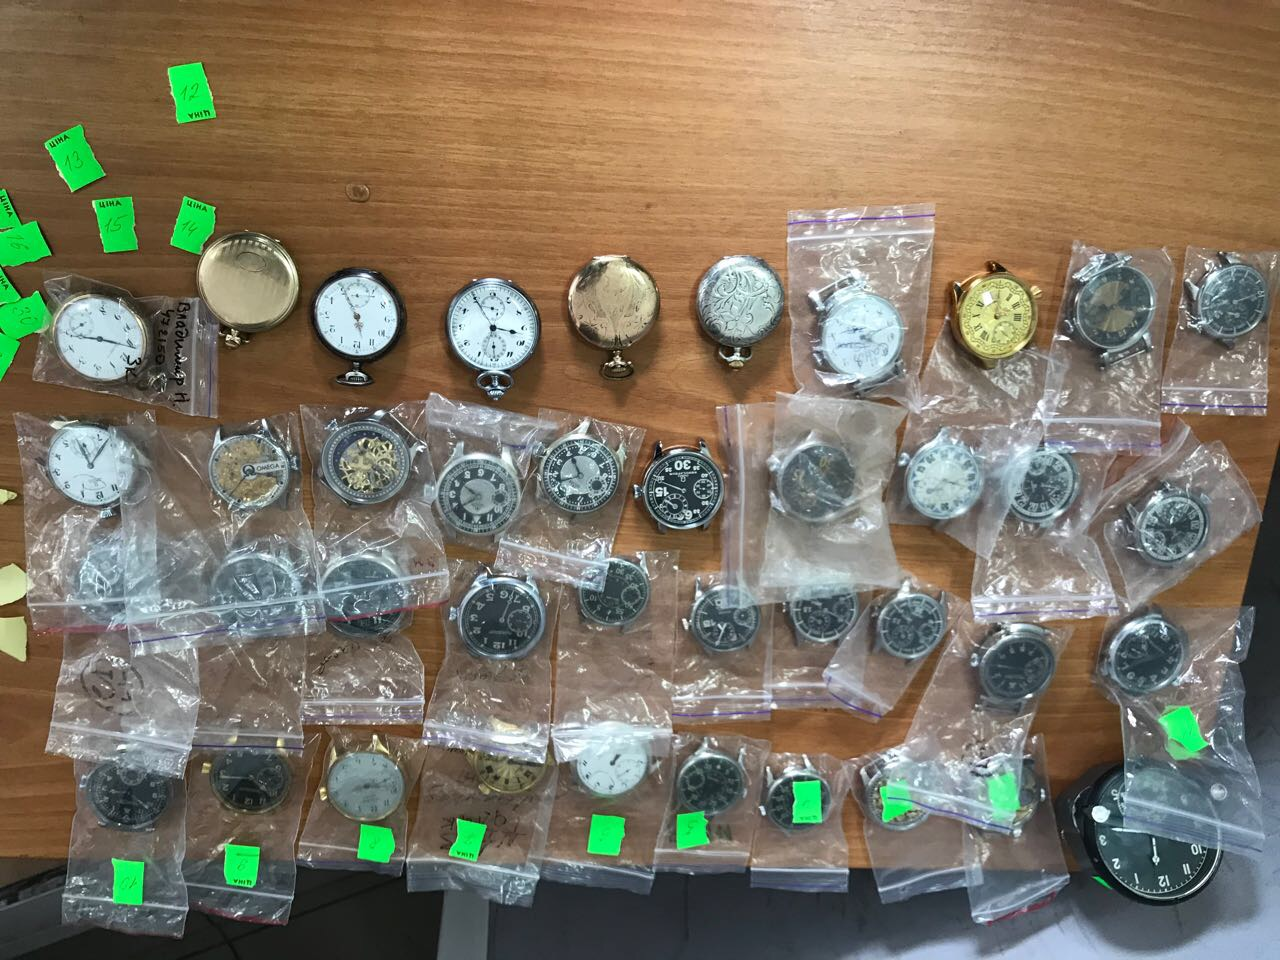 На «Ягодині» митники затримали німця, який намагався вивезти з України колекцію годинників